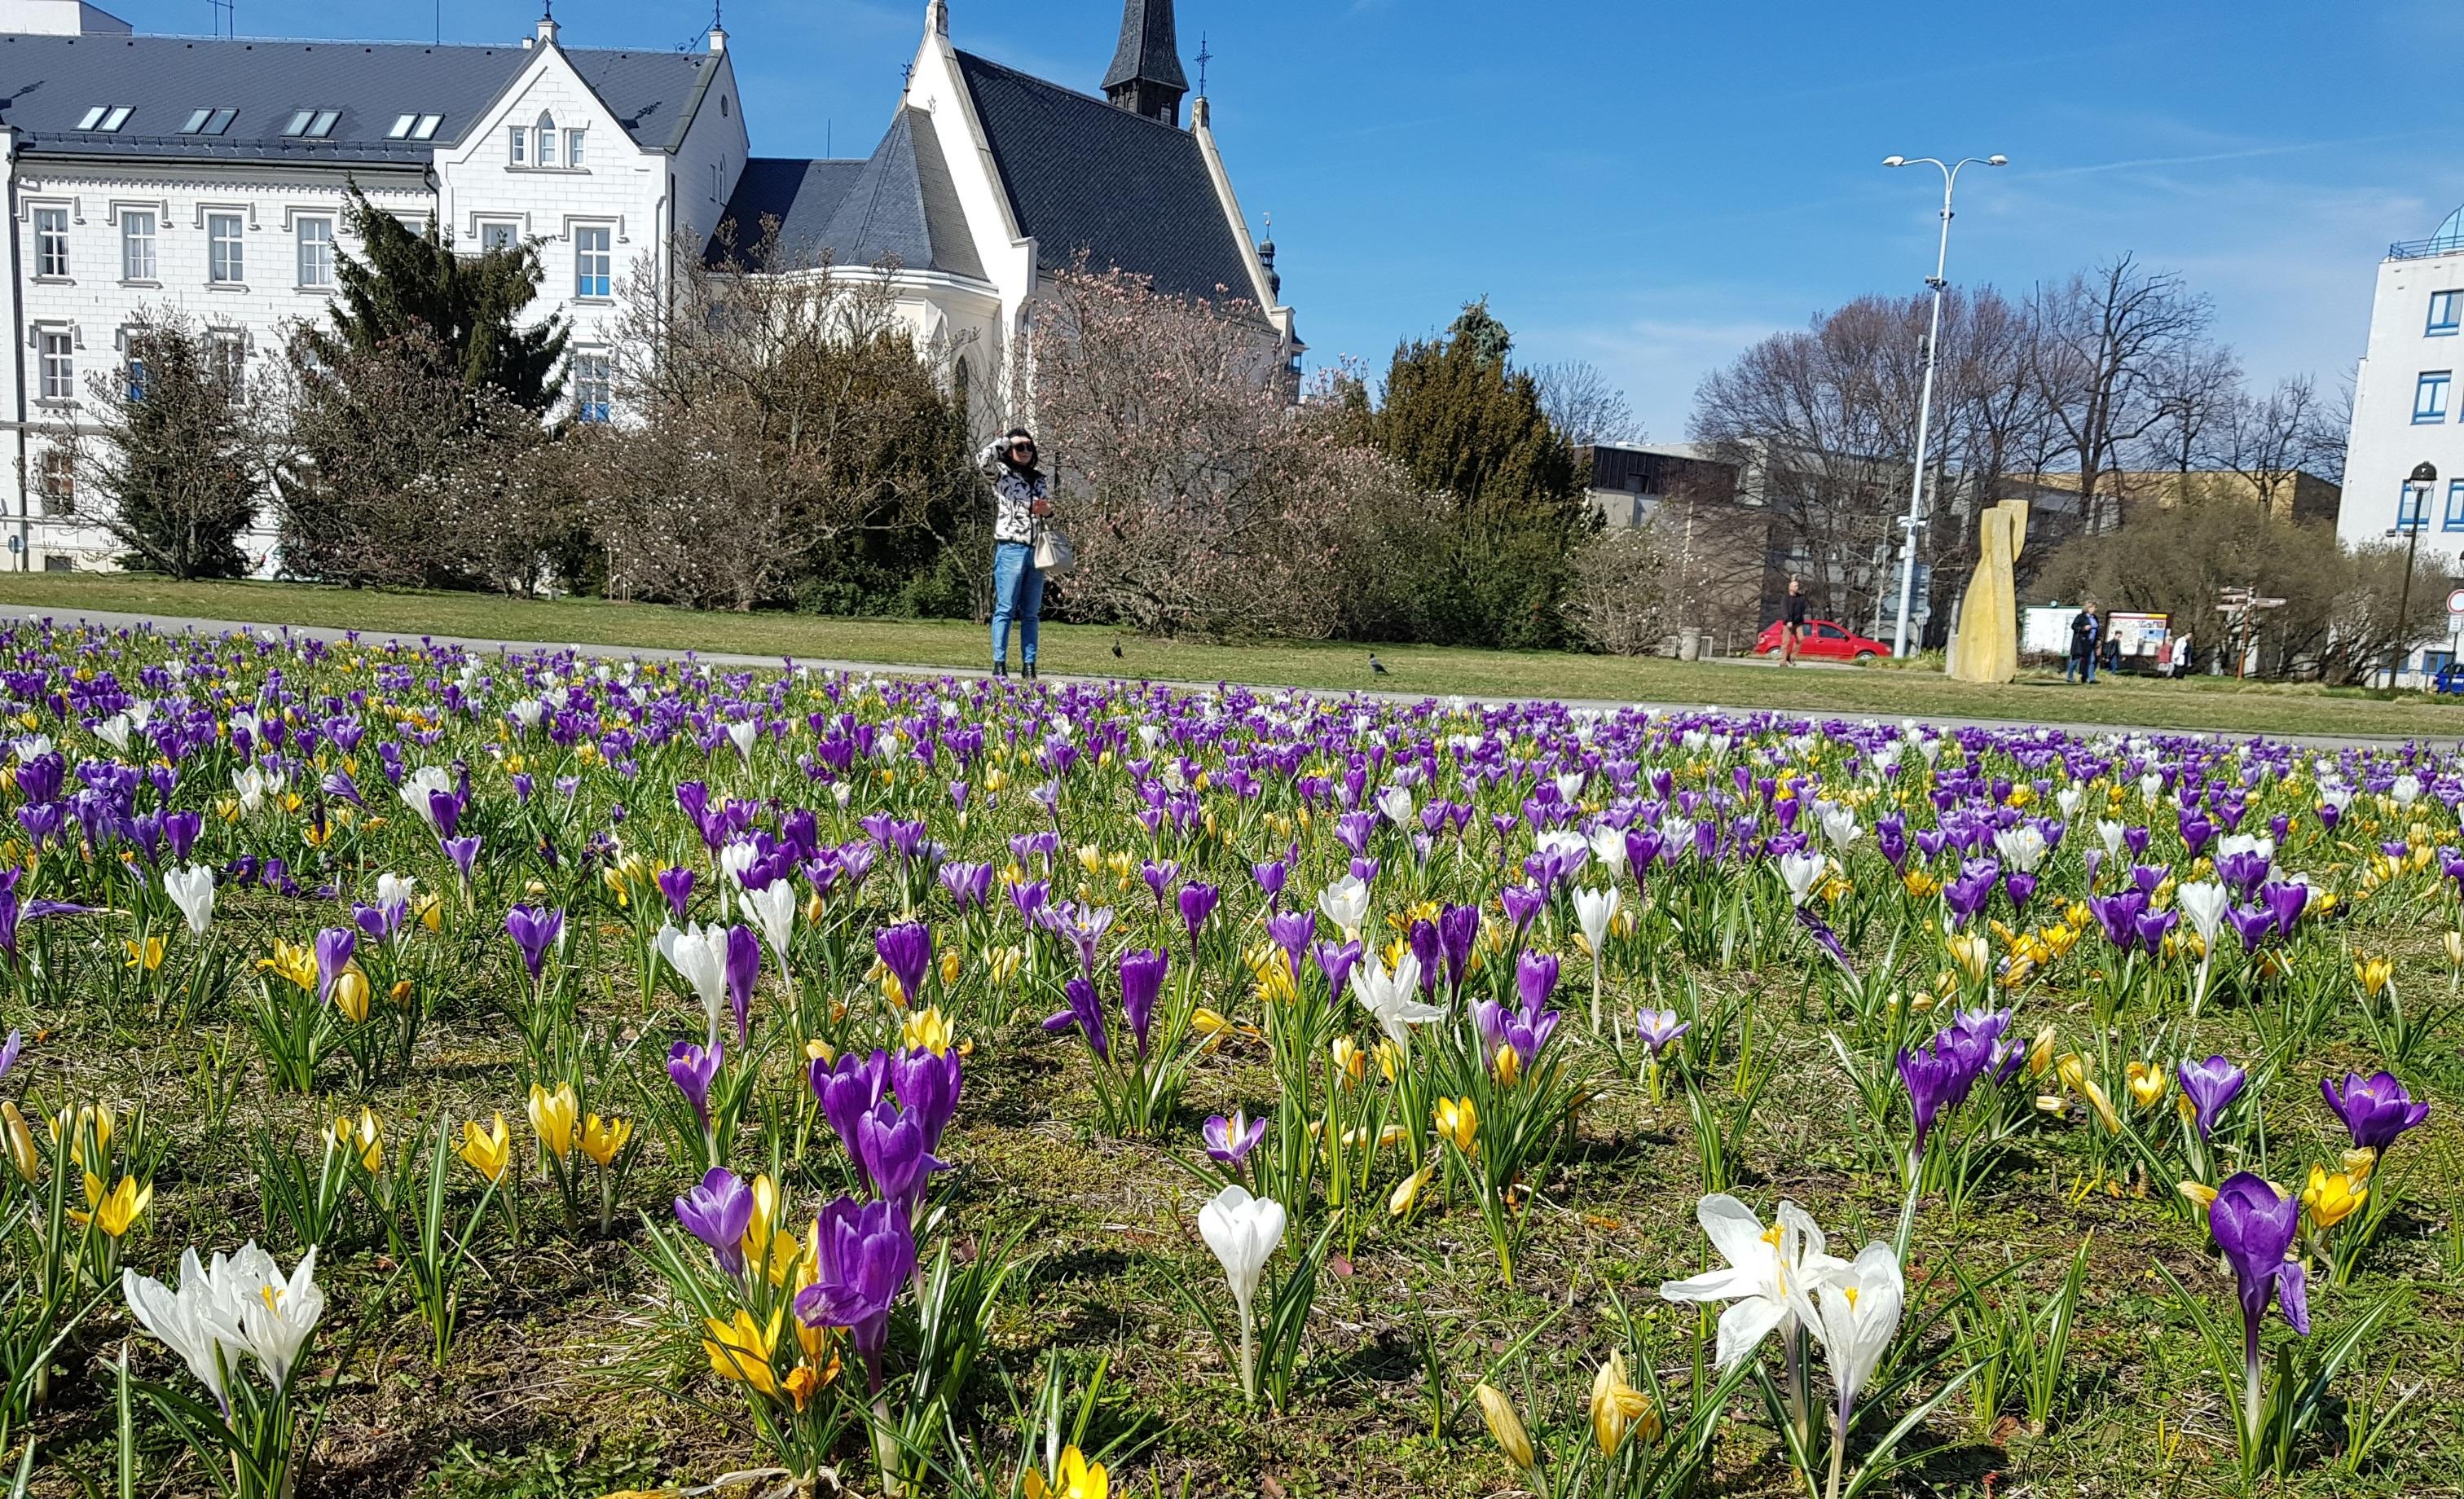 Jaro, krokusy, rozkvetlé květiny, Senovážné náměstí České Budějovice